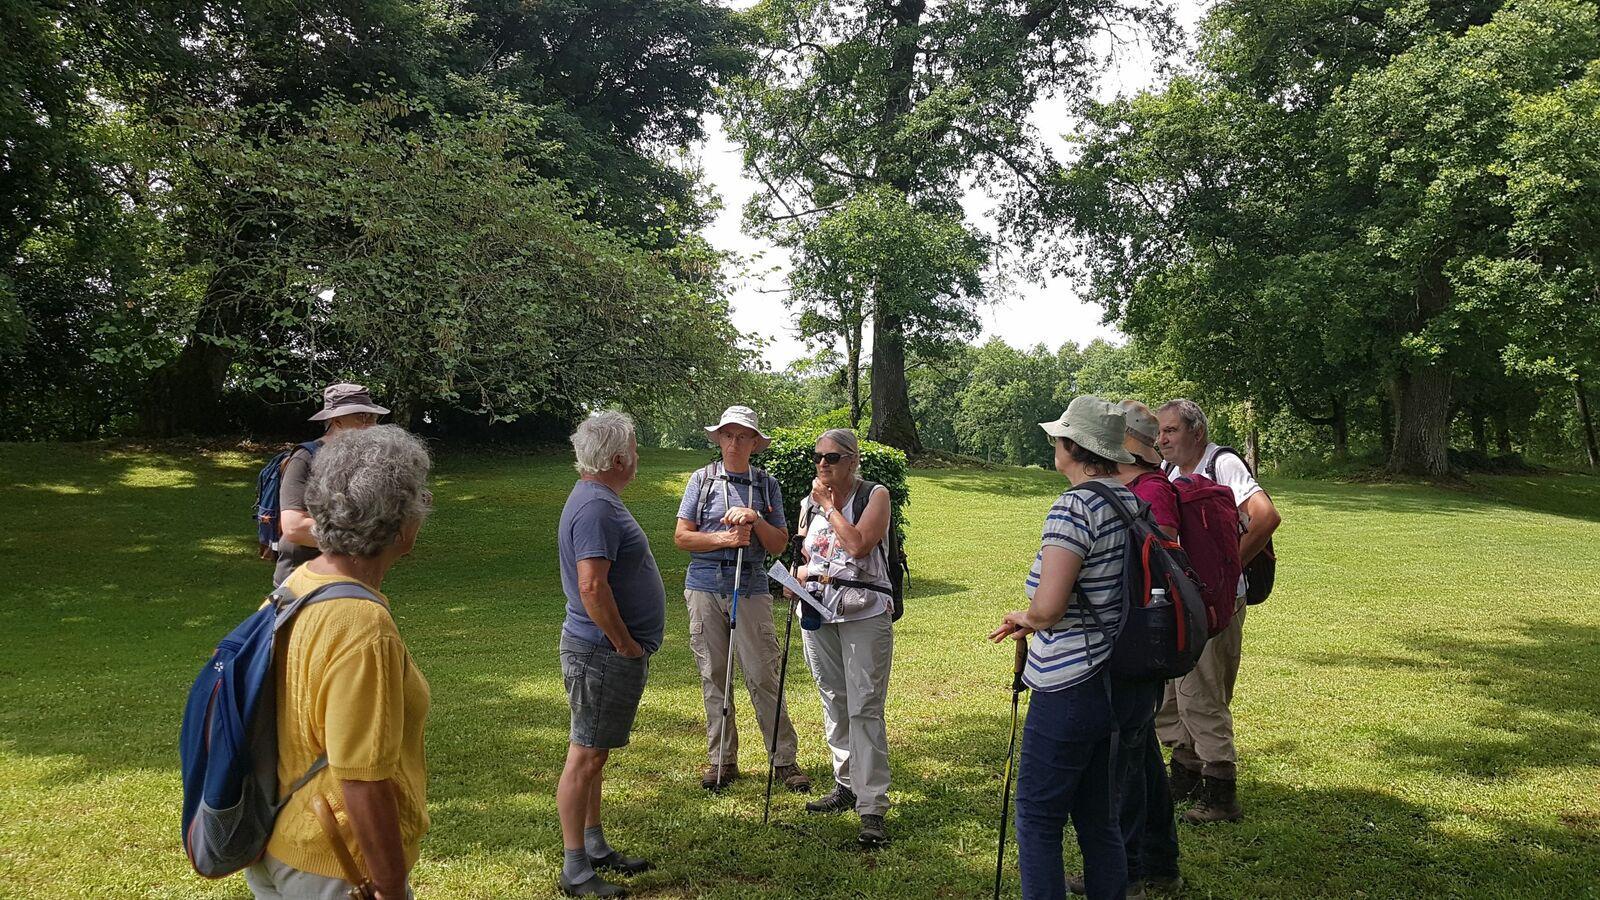 Palabres avec le gardien qui nous donne quelques explications dans ce parc garni de somptueux chênes.